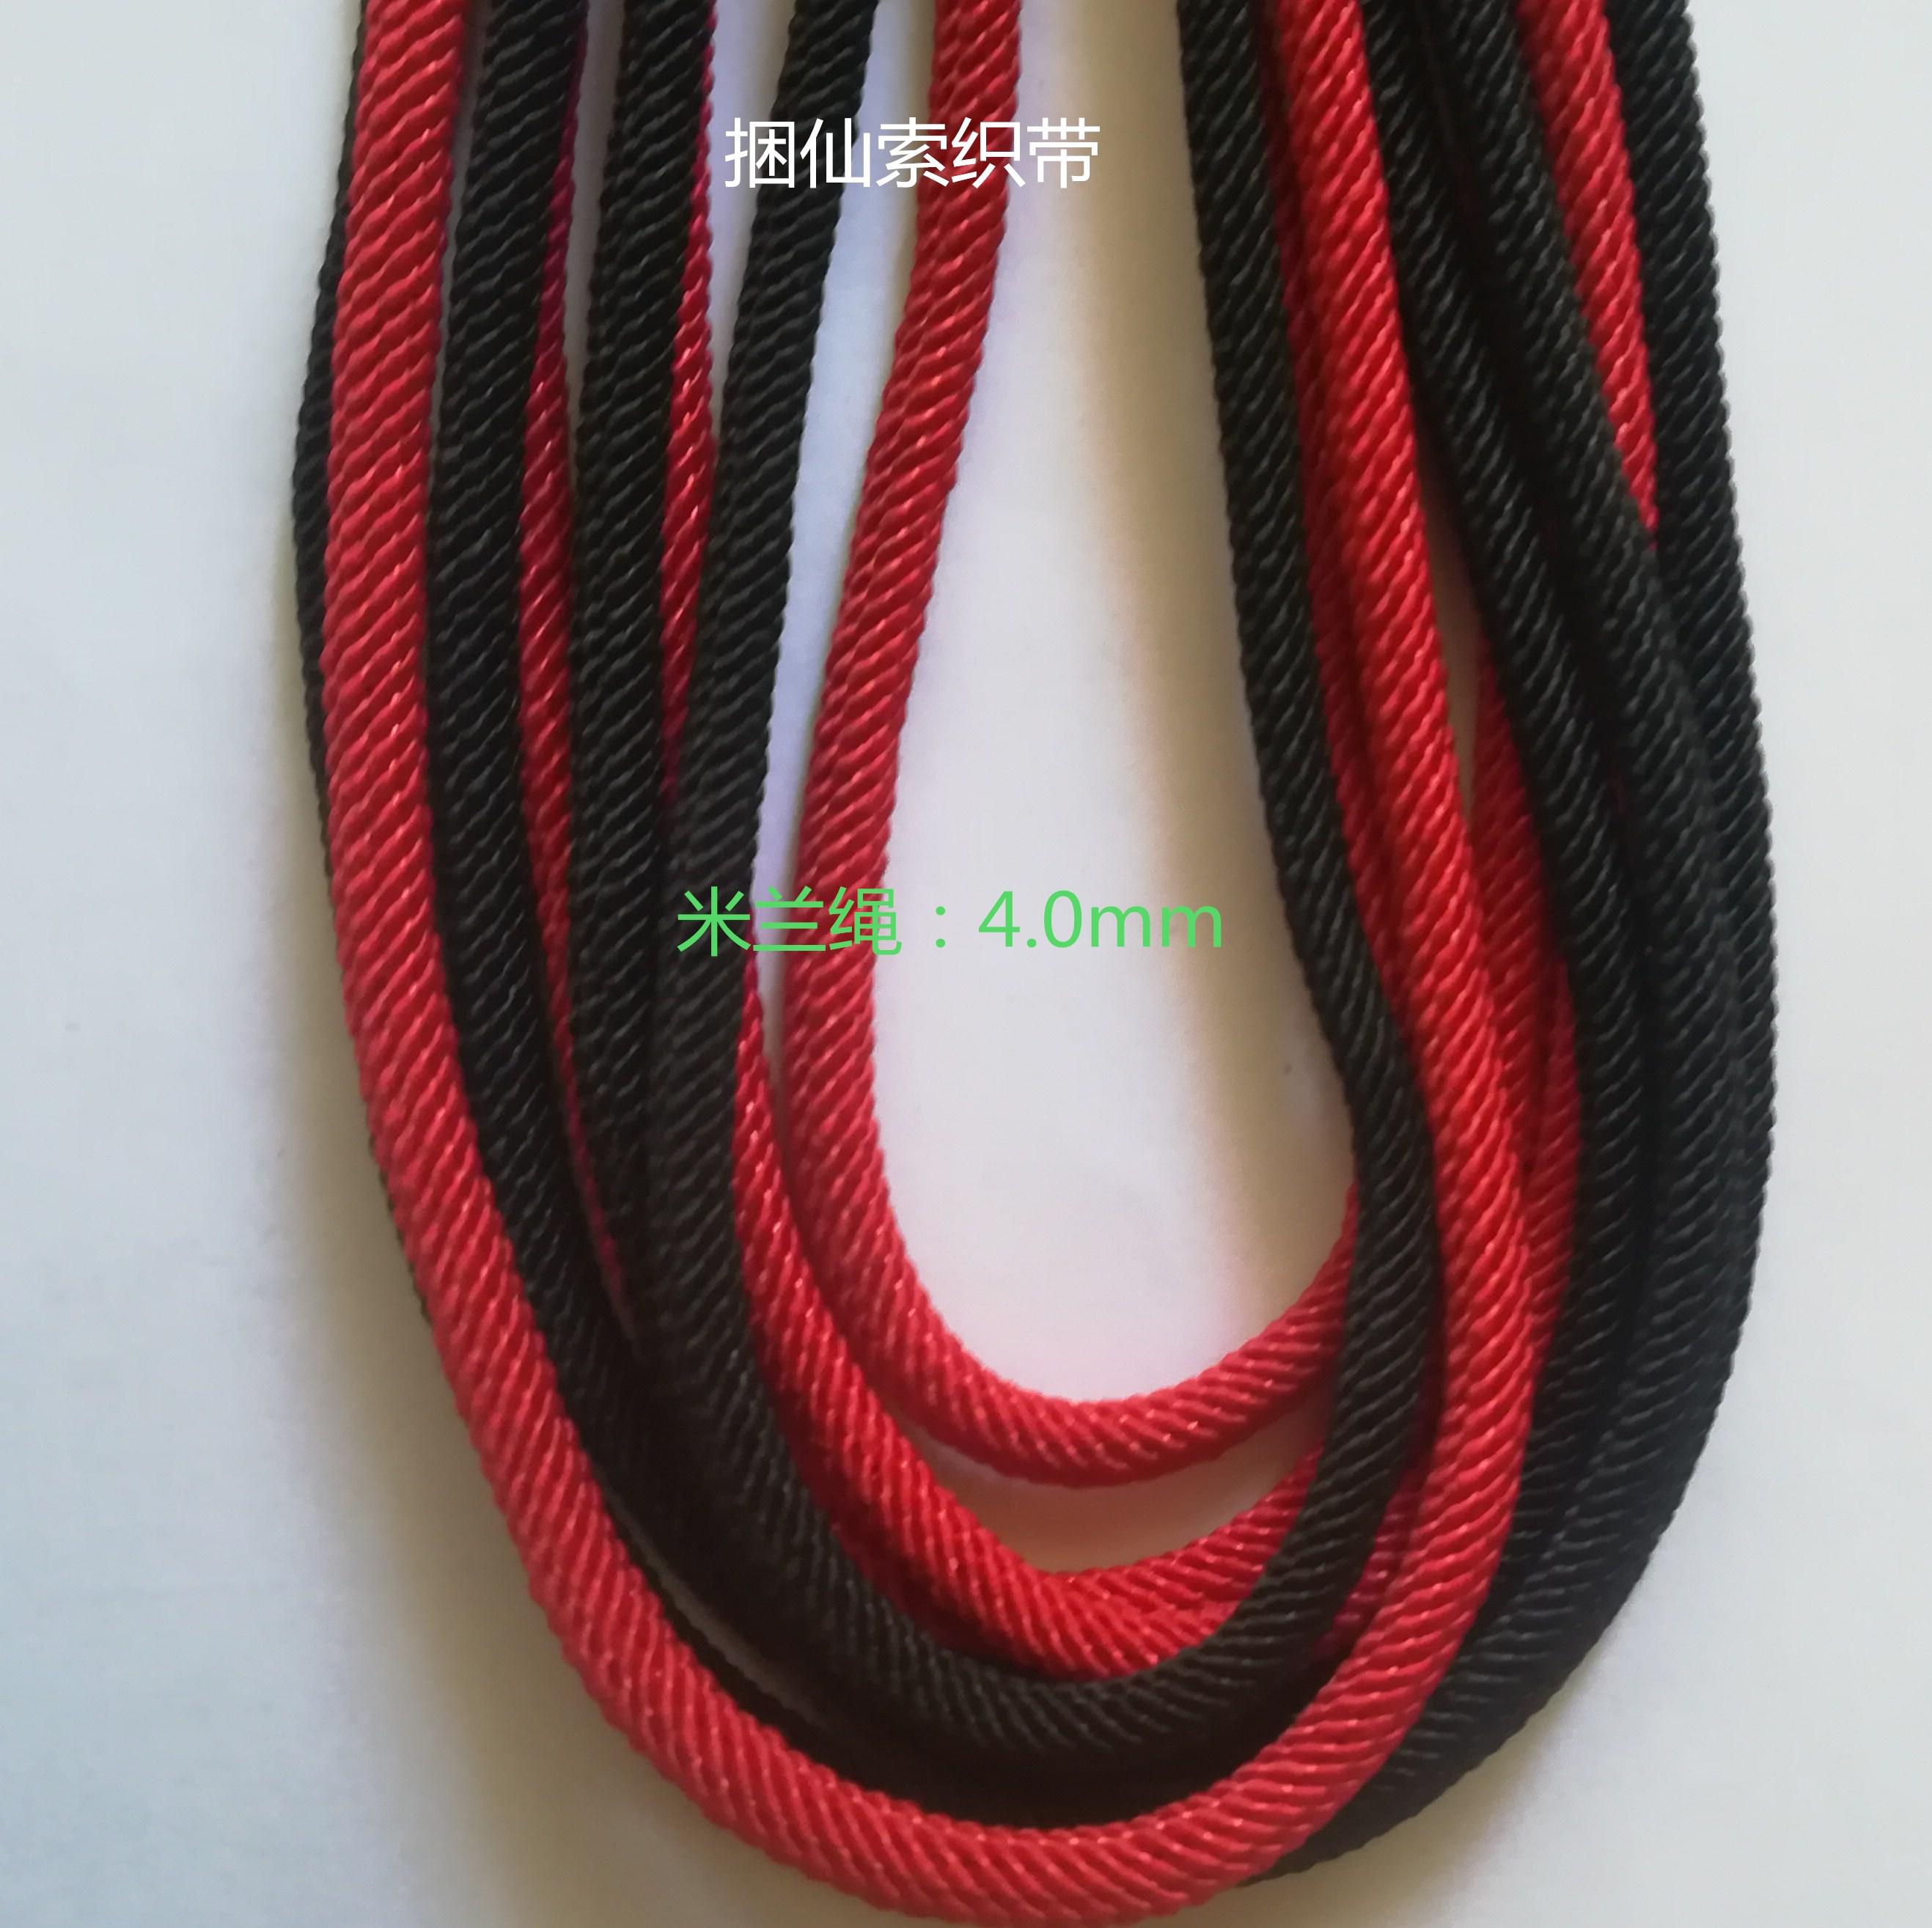 4.0mm米兰绳 DIY手工编制高档手链项链玉饰把玩绳 米兰线厂家直销 米兰绳批发饰品绳哪家好